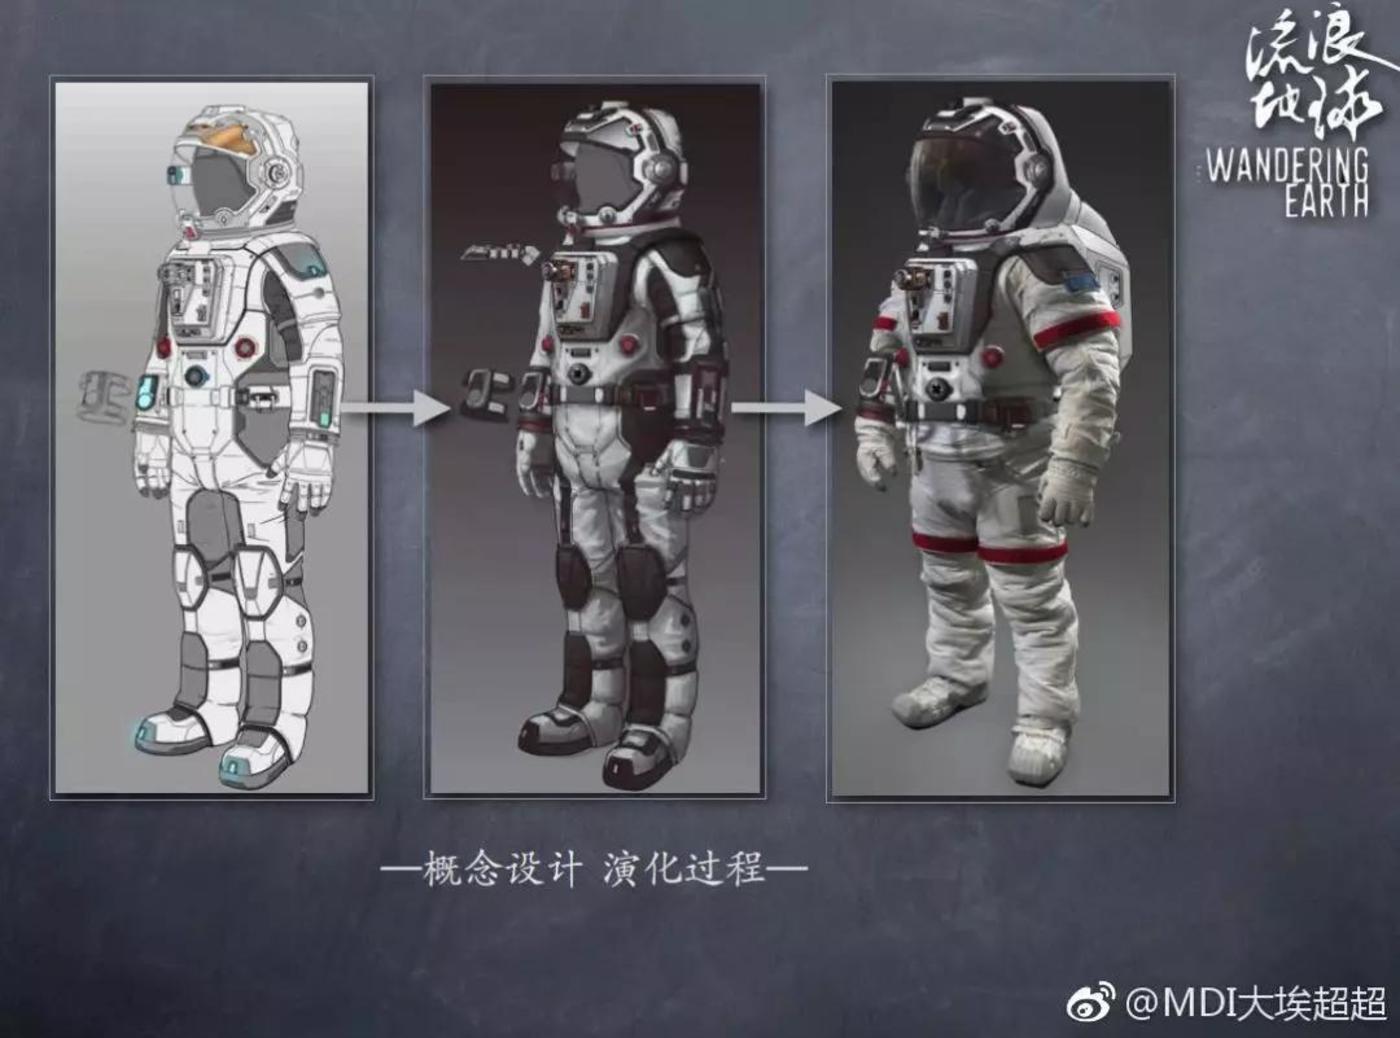 《流浪地球》宇航服 图片来自@MDI大埃超超